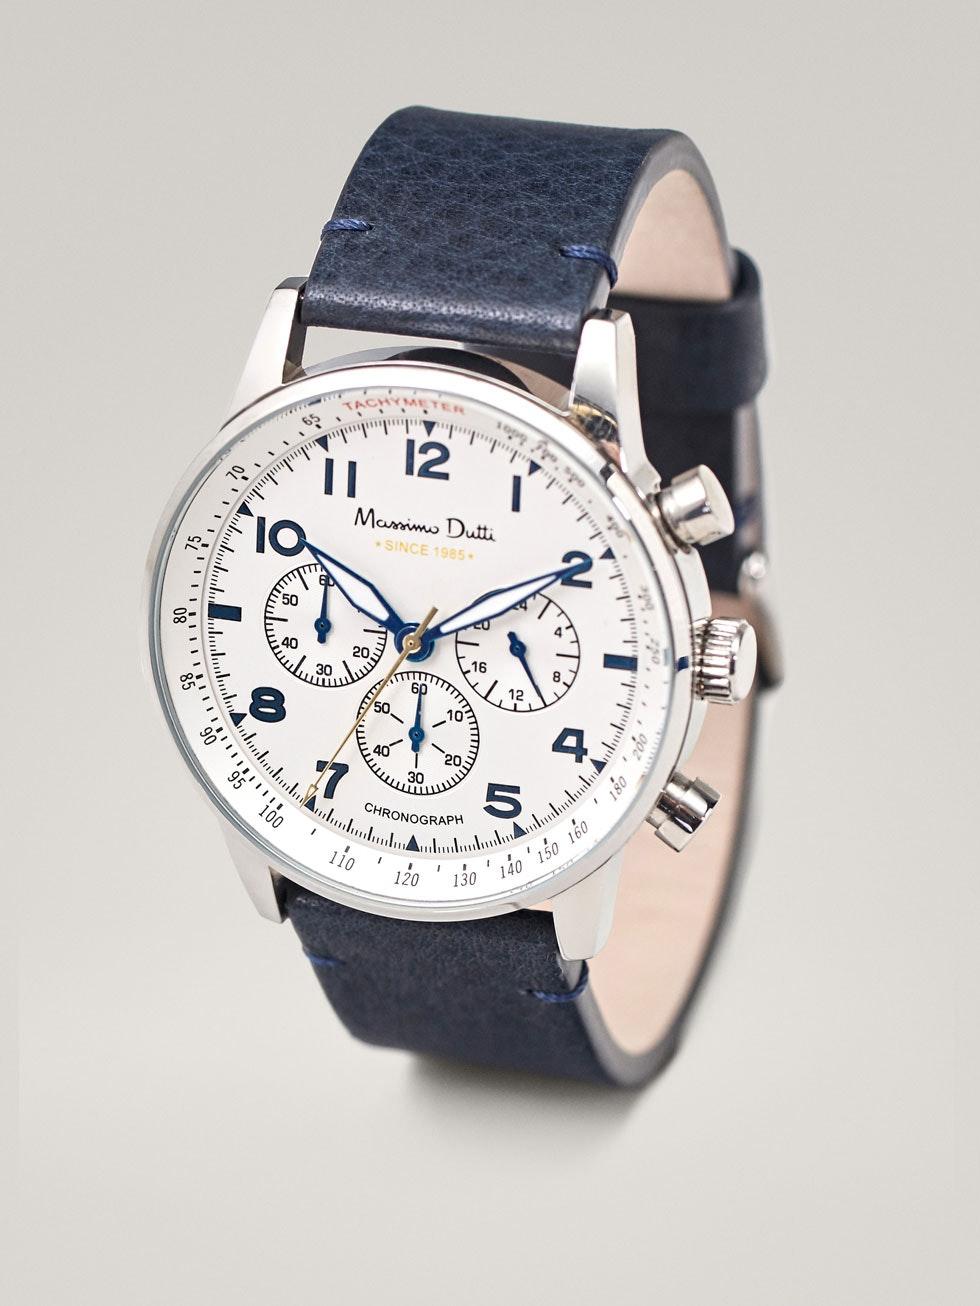 Relógio, 129€, na Massimo Dutti